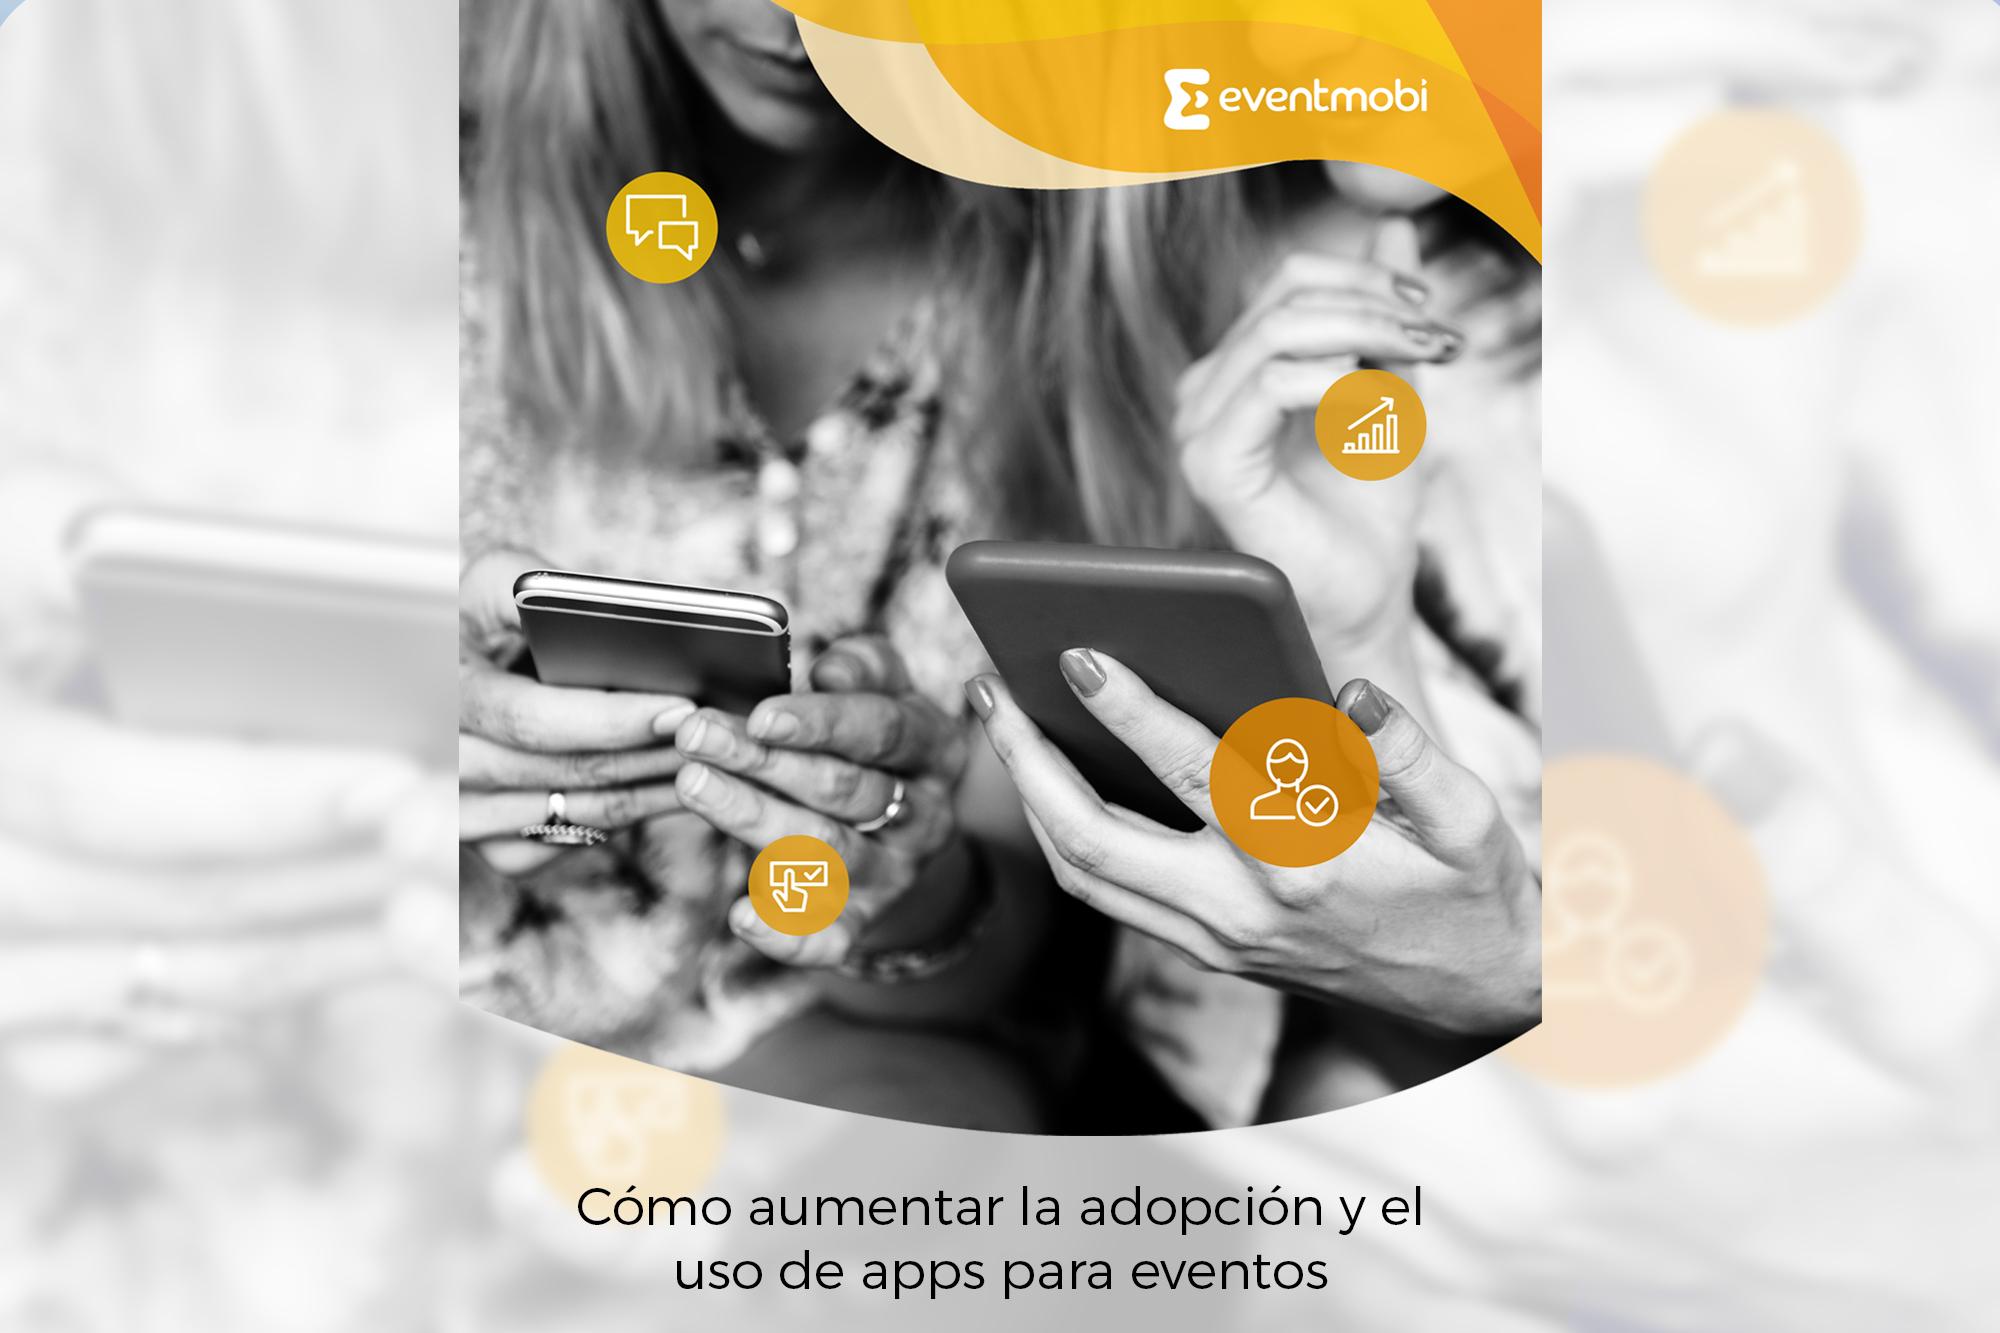 Cómo aumentar la adopción y el uso de apps para eventos